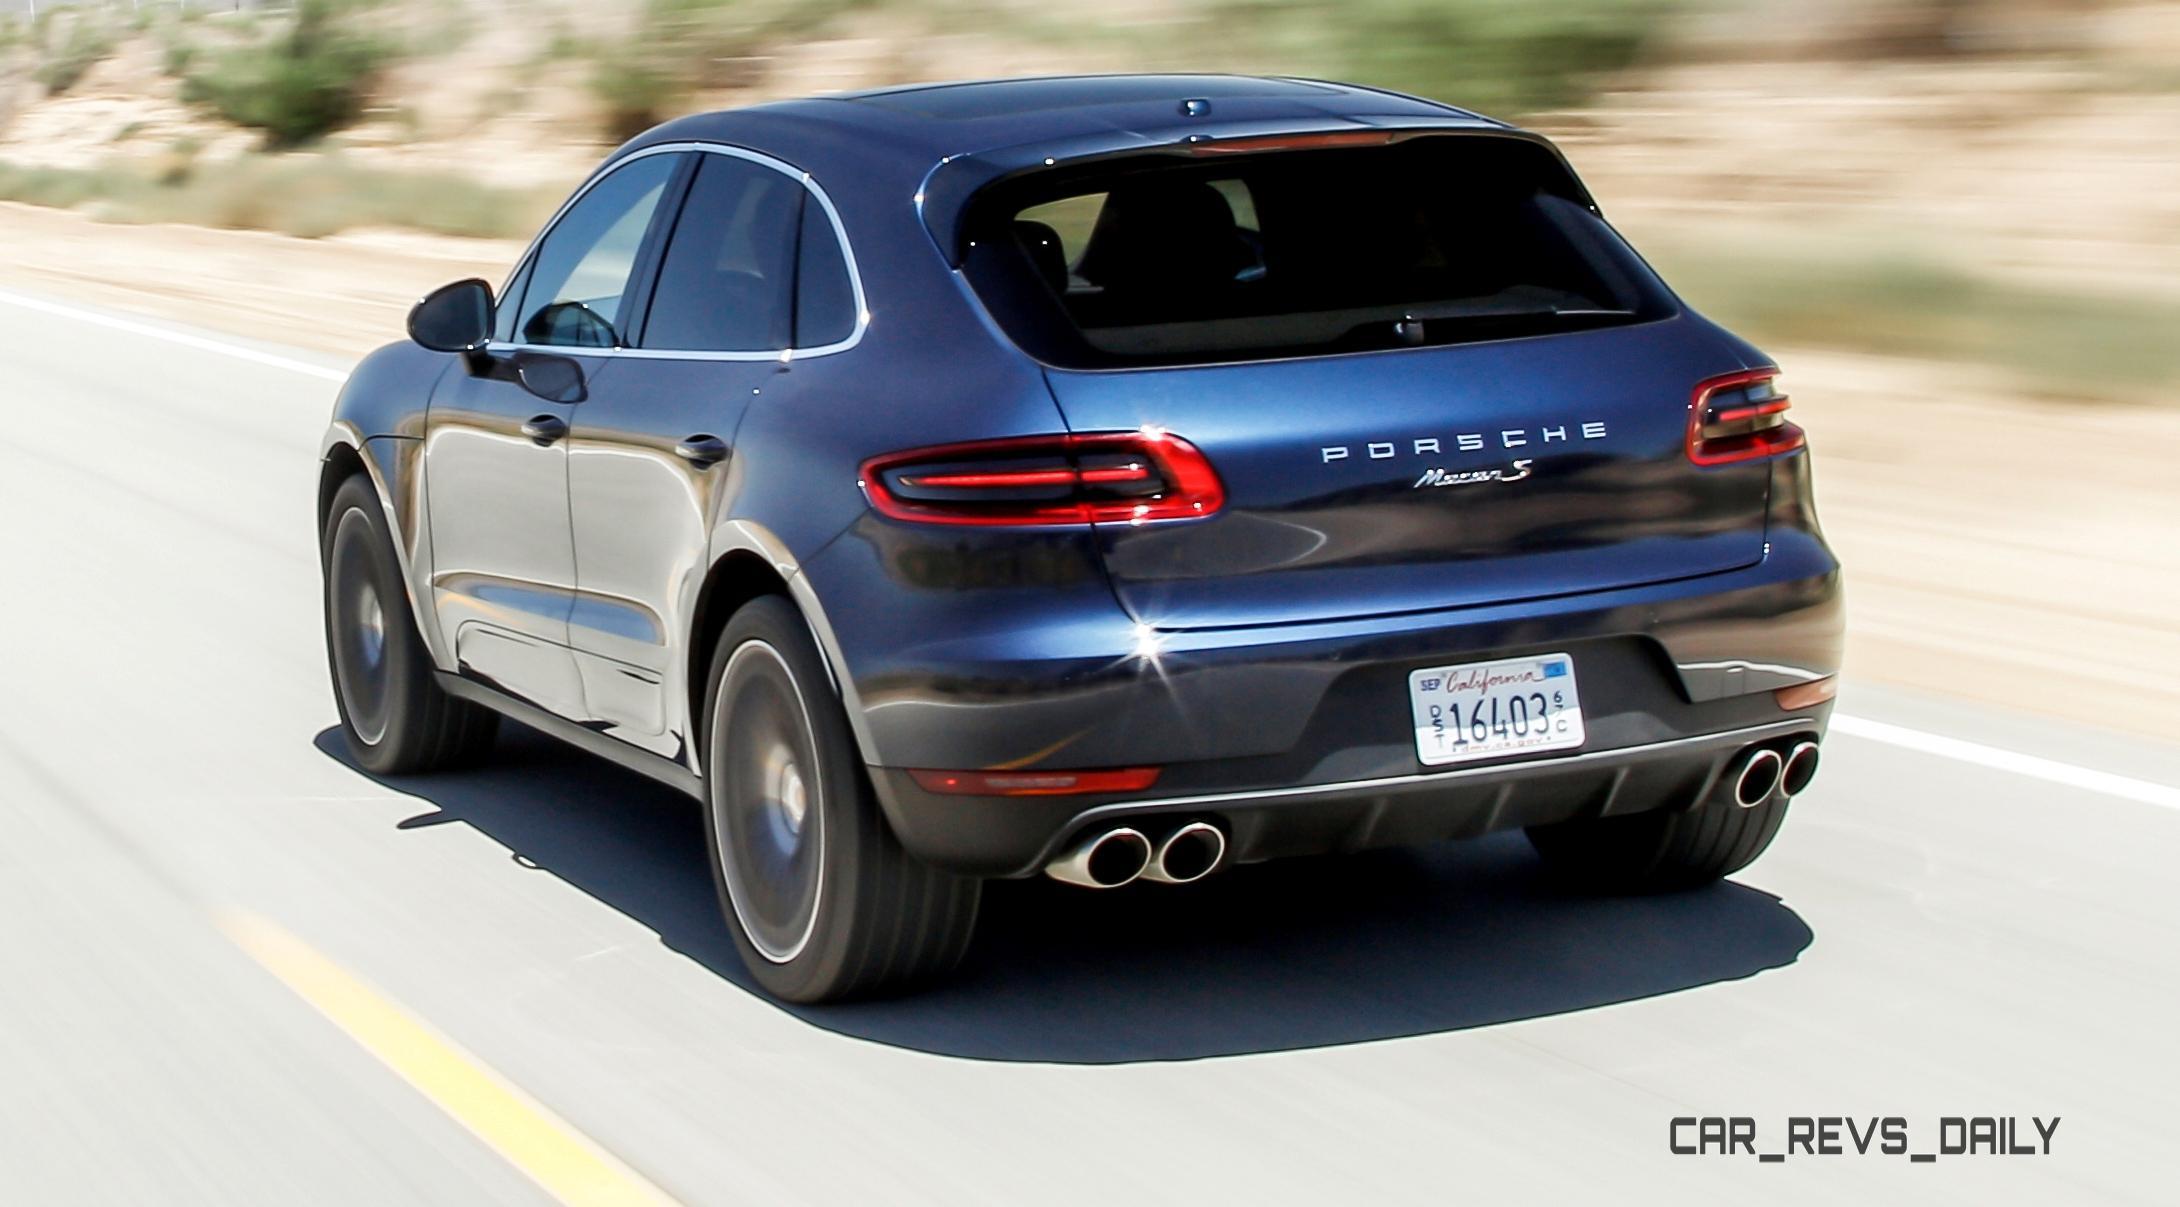 Car,Revs,Daily.com 2015 Porsche MACAN USA 12